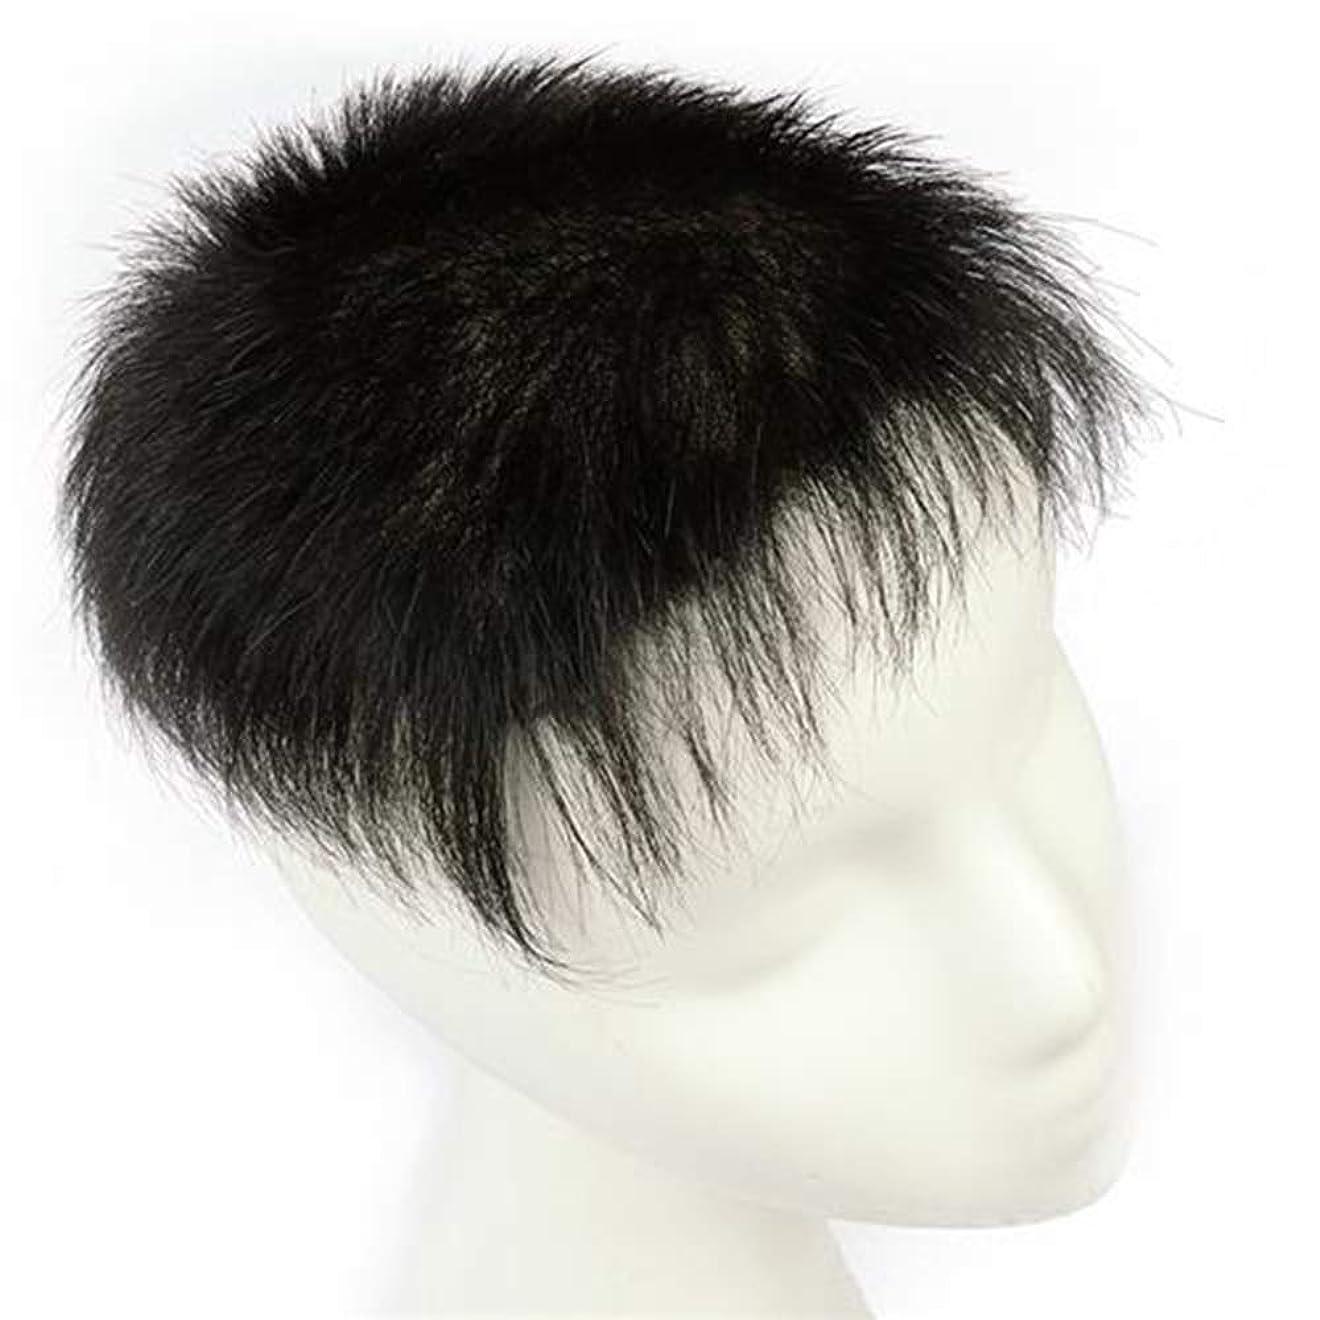 メディックラップ想起YAHONGOE カバーのためのリアルヘアウィッグデイリードレスの男性用手織りクリップファッションウィッグ (色 : Natural black, サイズ : 16x18)